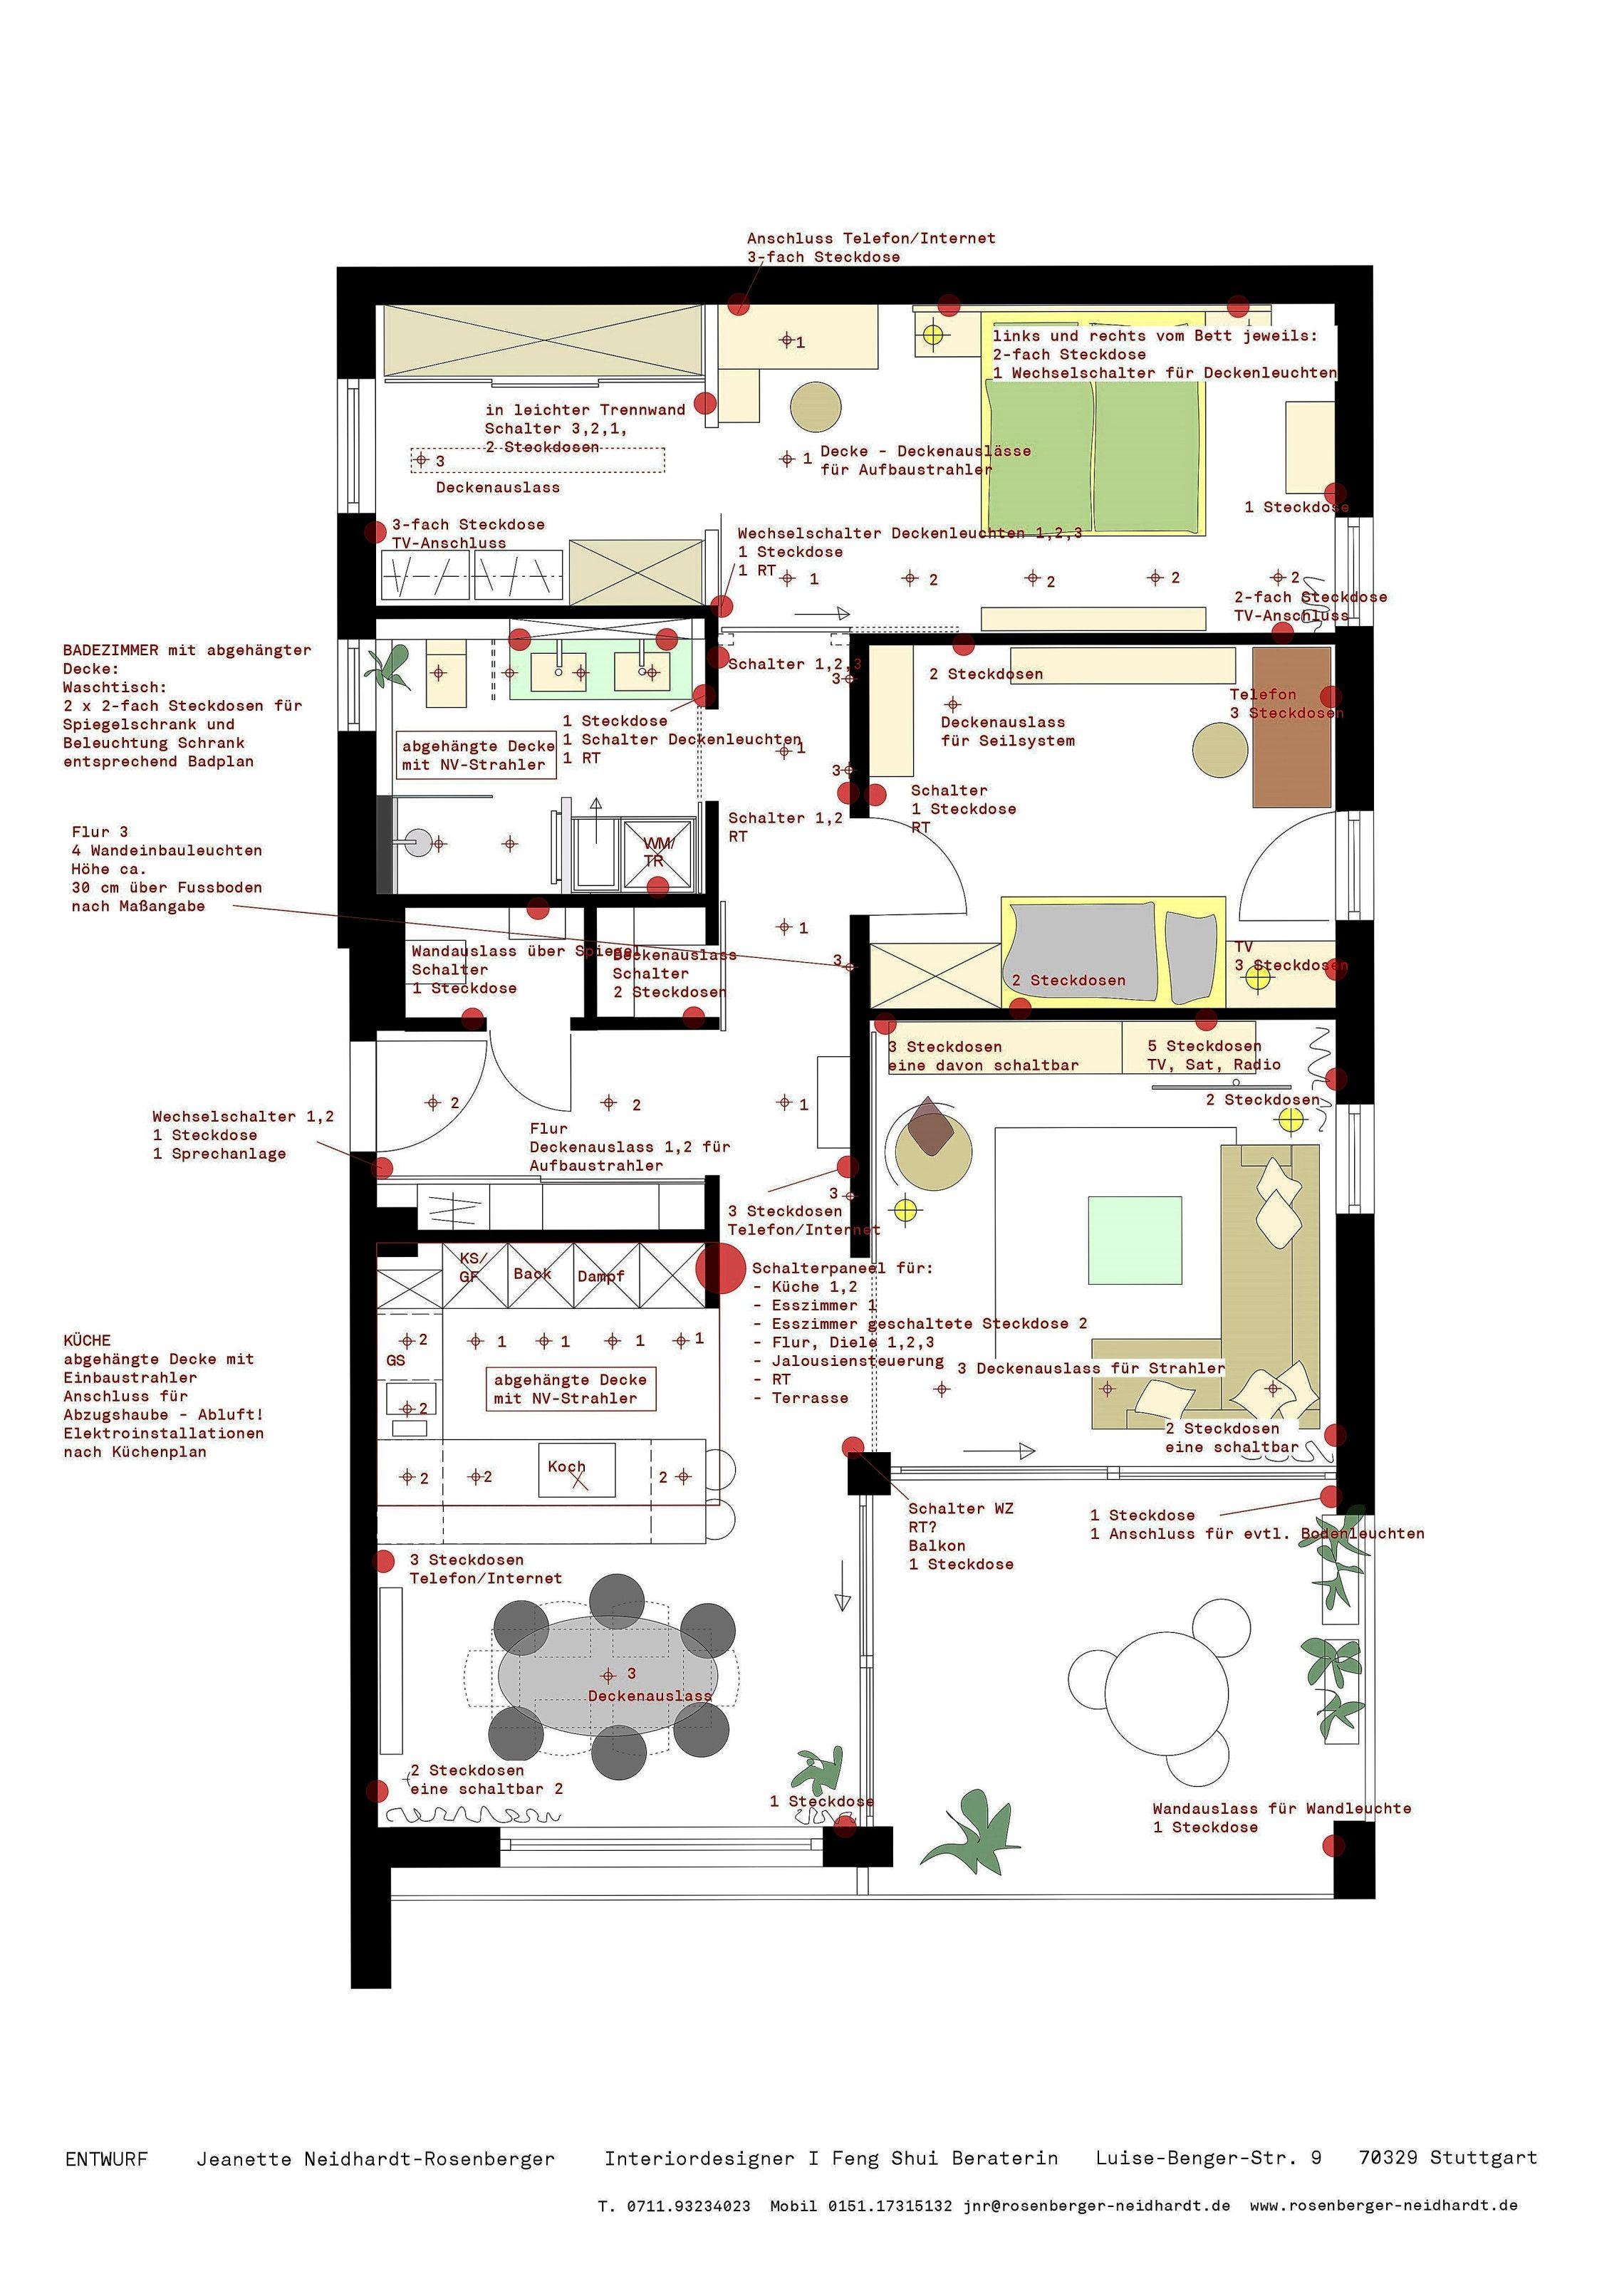 Und Wo Sollen Jetzt Die Steckdosen Und Schalter Hin Elektroinstallation Planen Steckdosen Elektroinstallation Haus